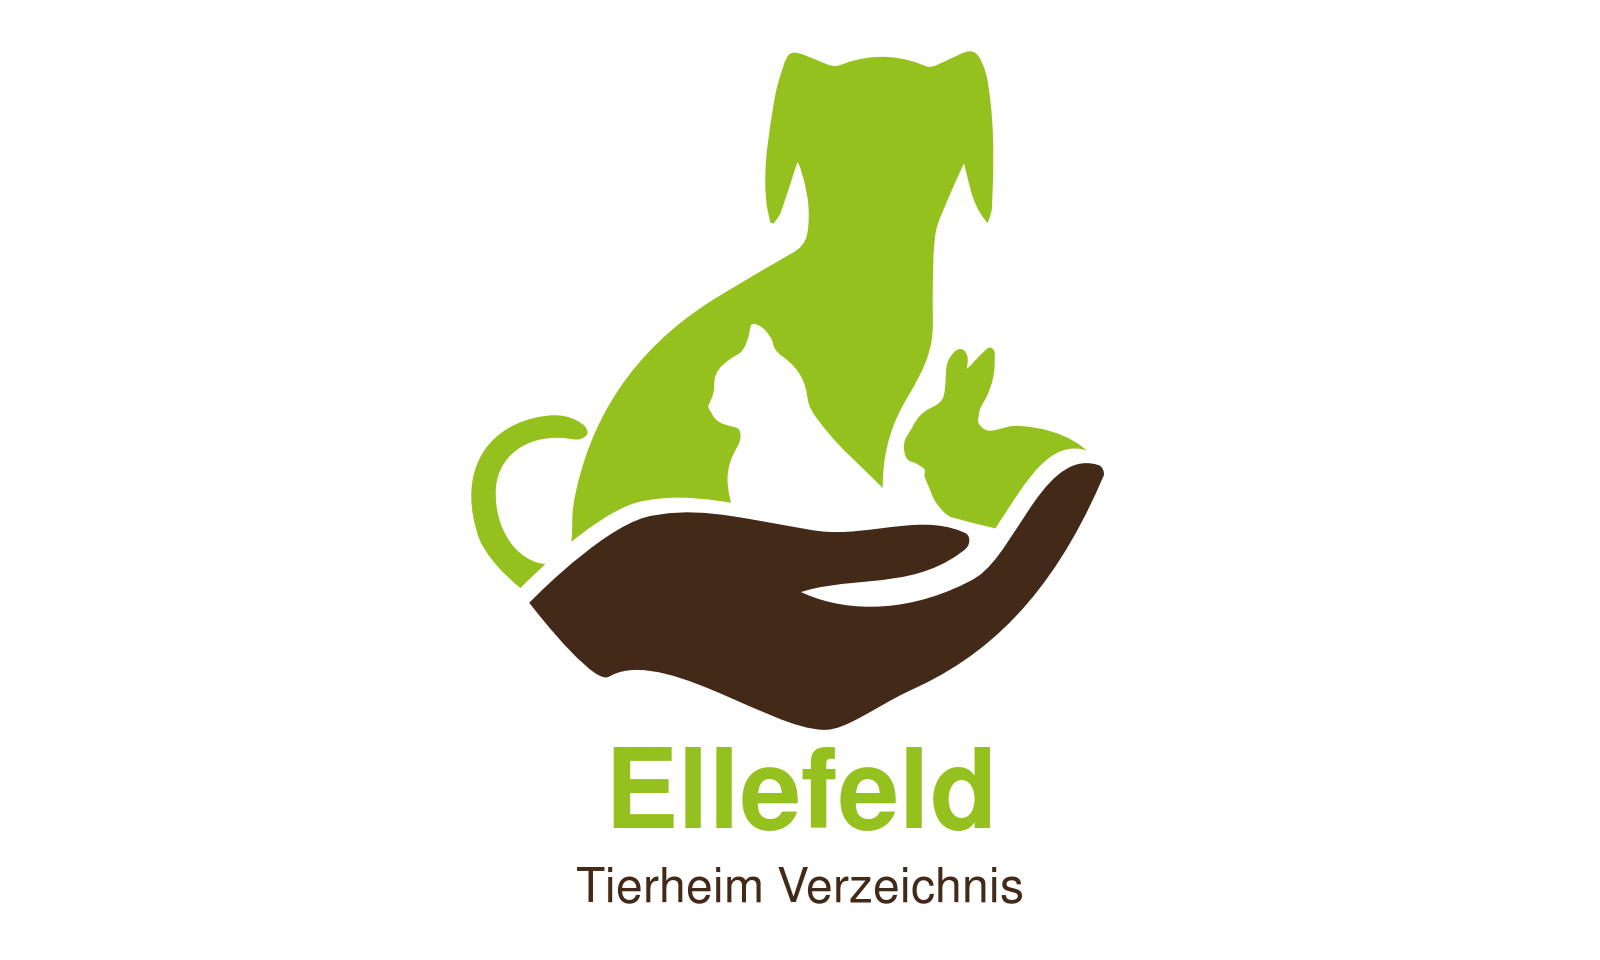 Tierheim Ellefeld